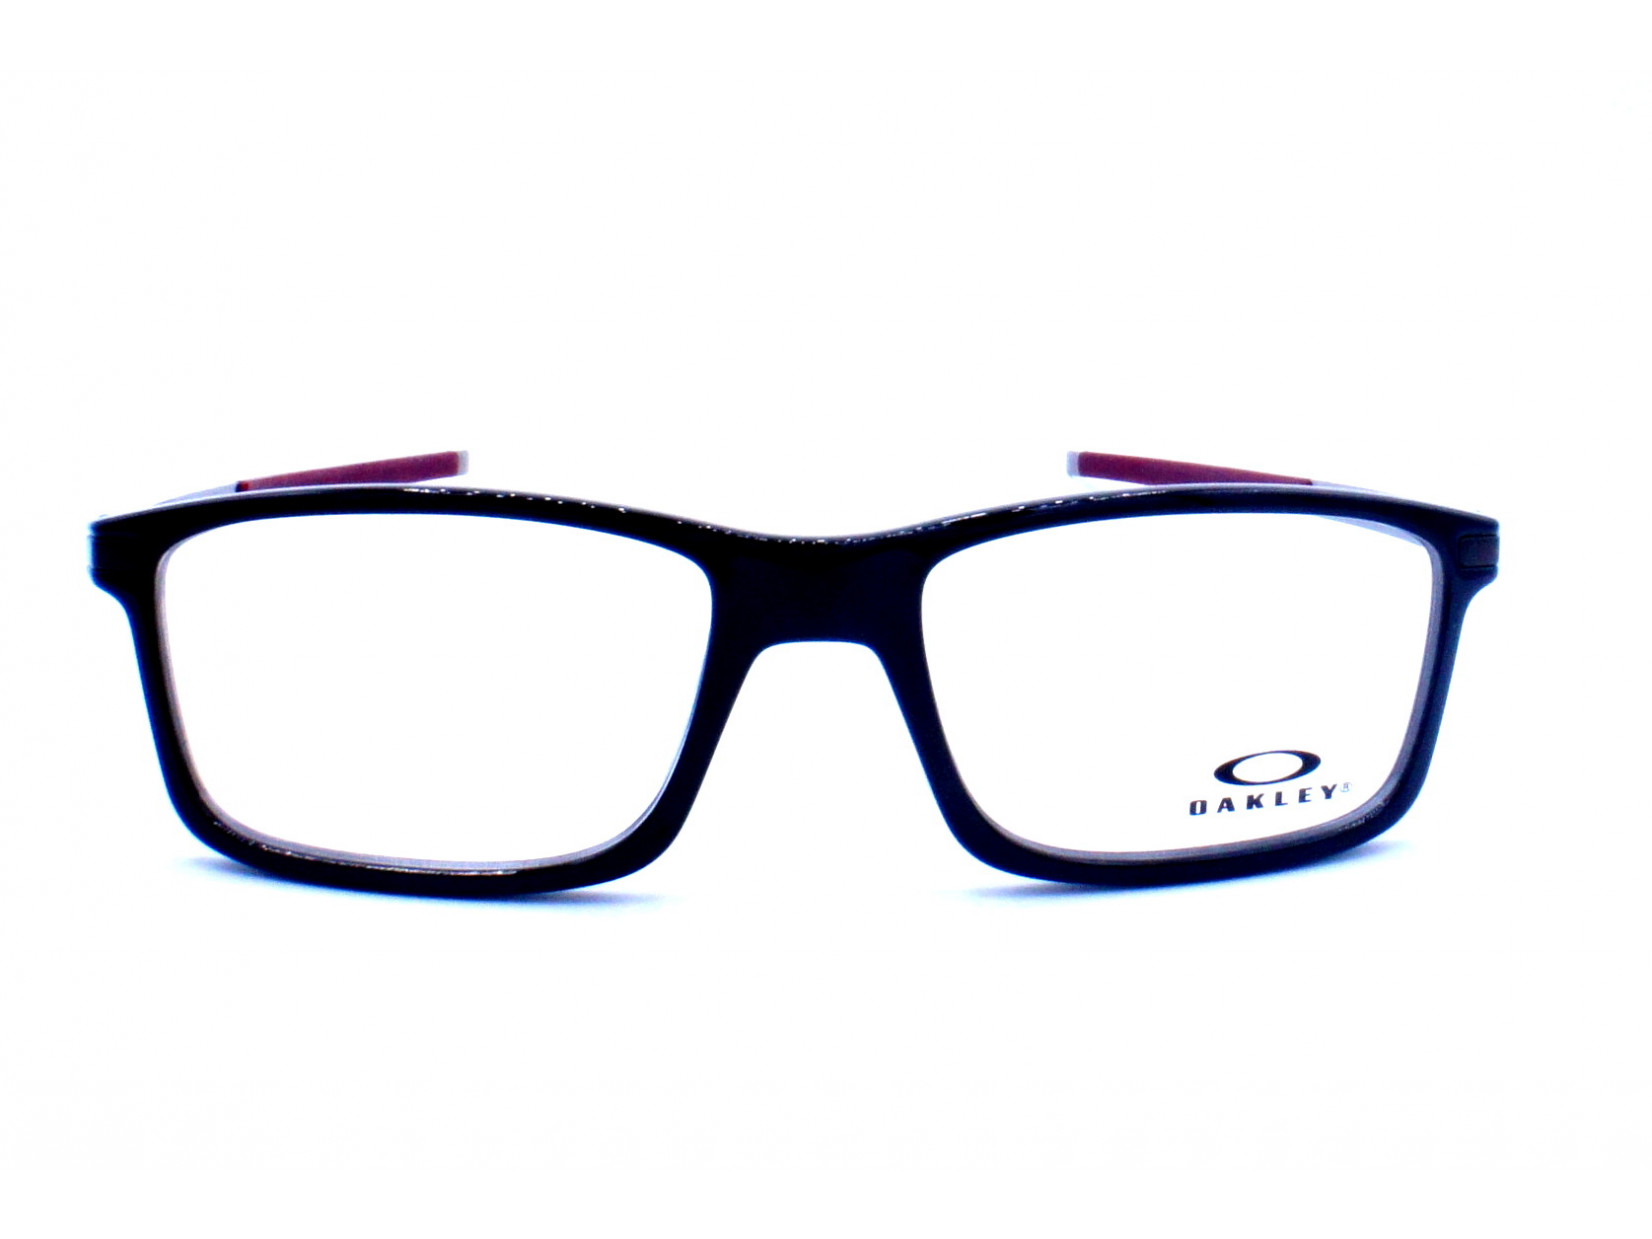 Lunettes de vue pour homme OAKLEY Noir Mat OX 8050-05 PITCHMAN 55 18 843258cfb9fc